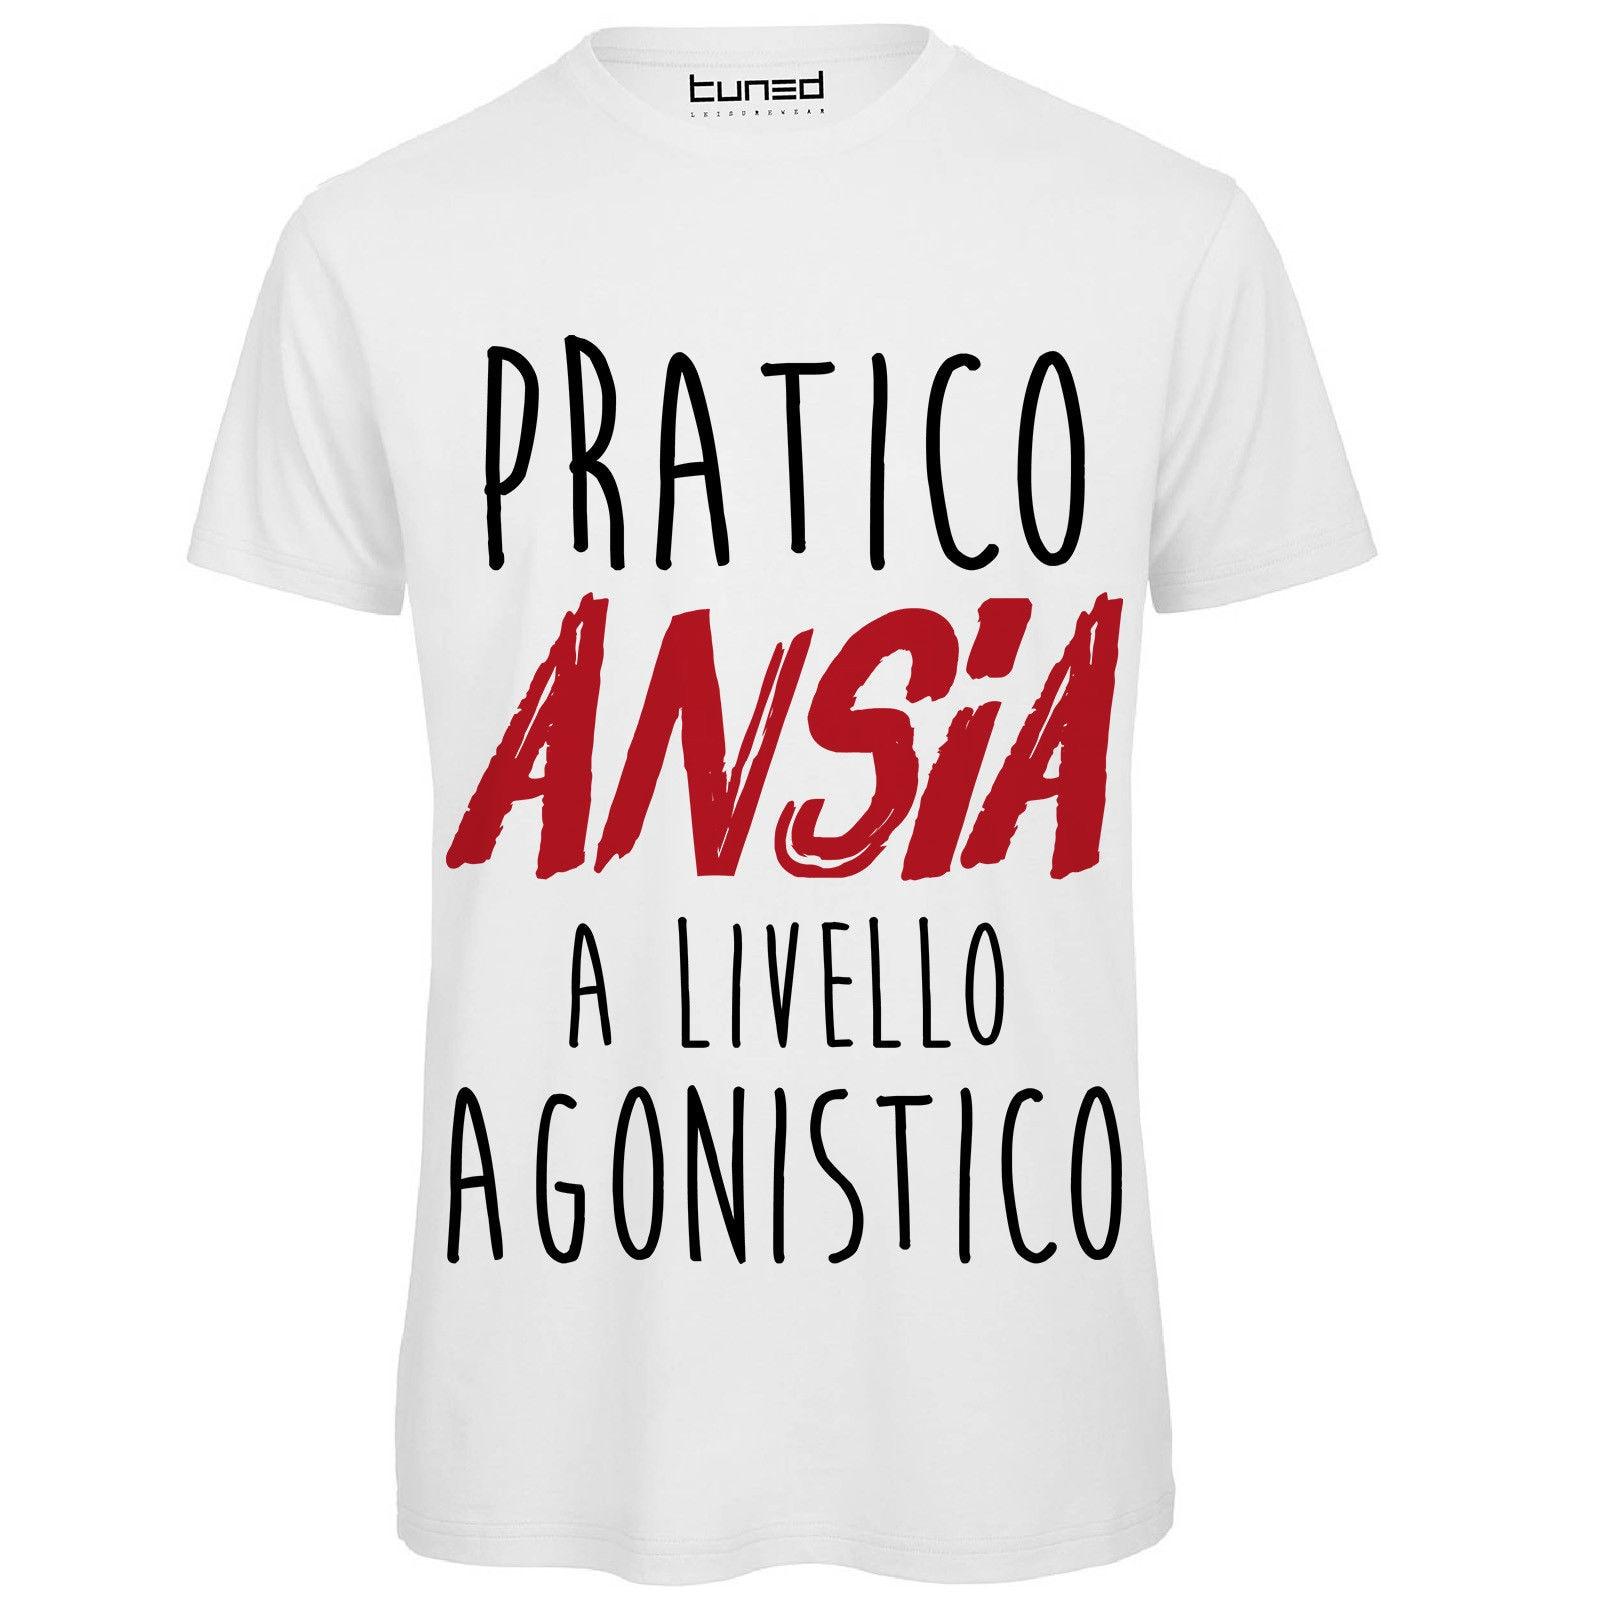 T-shirt Divertente Uomo Maglietta Cotone Con Stampa Frasi Ironiche Pratico Ansia Uomini Casual Manica Corta T Shirt